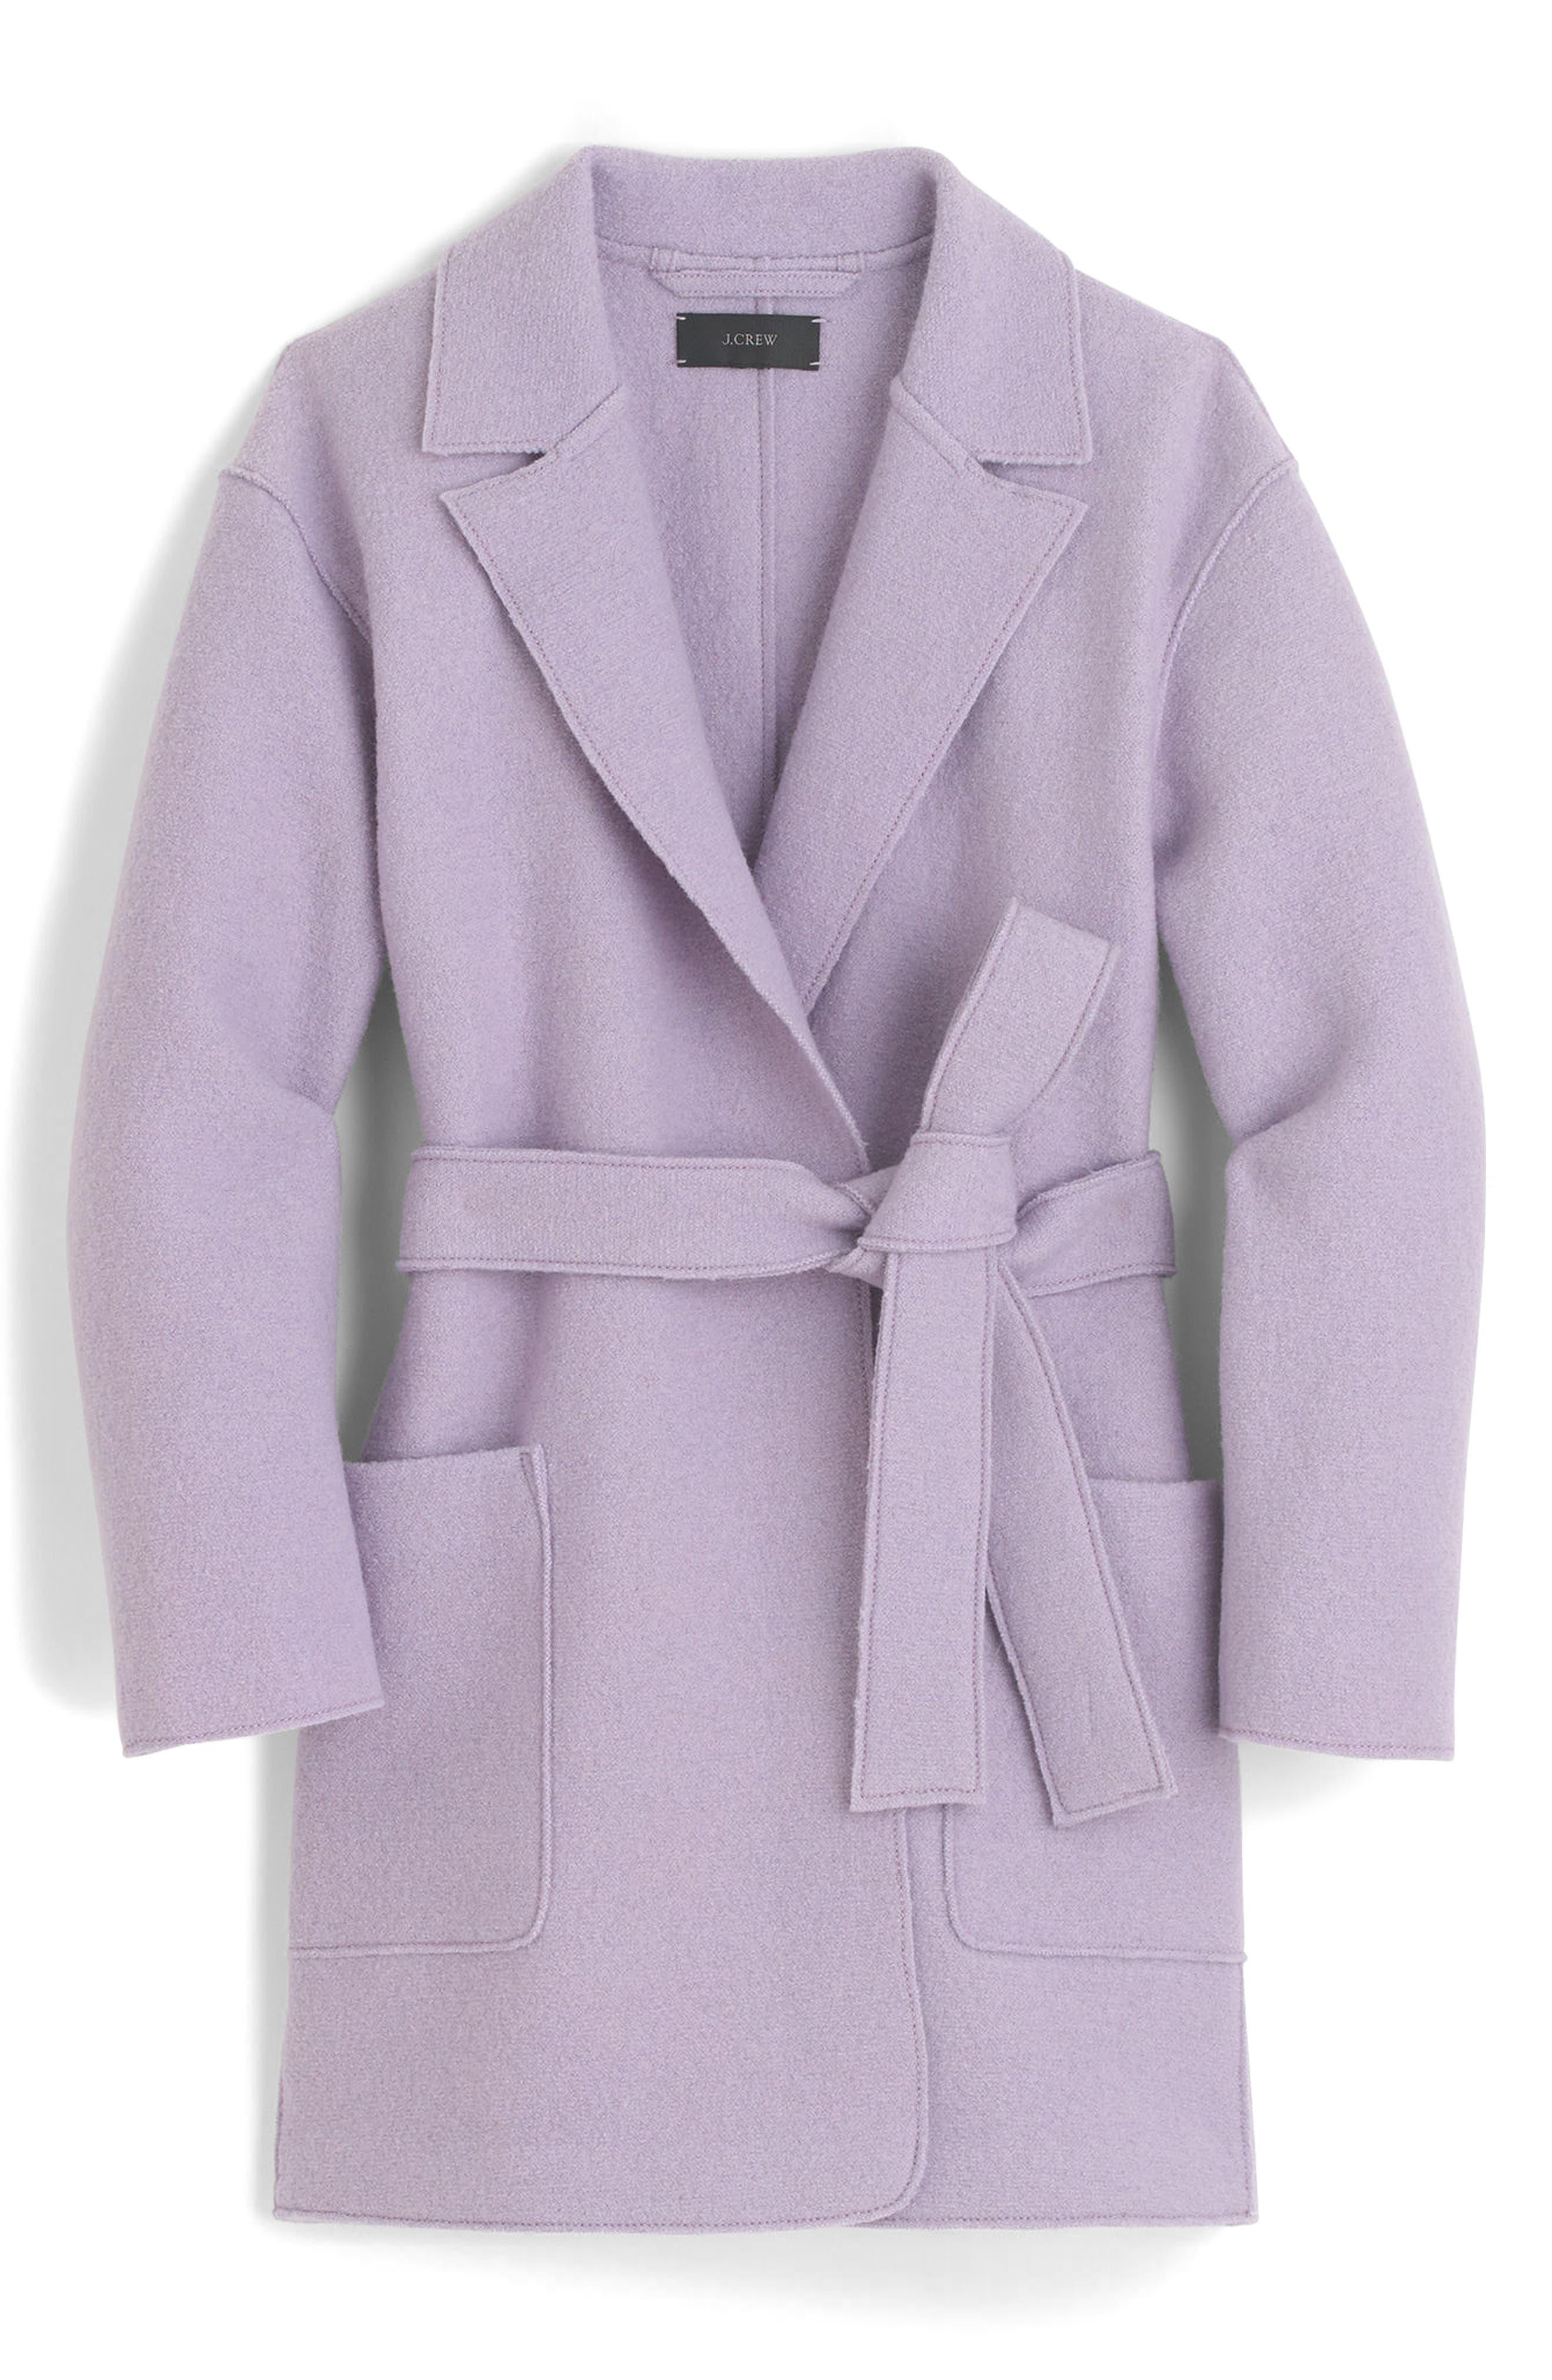 Main Image - J.Crew Sabrina Boiled Wool Wrap Coat (Regular & Petite)